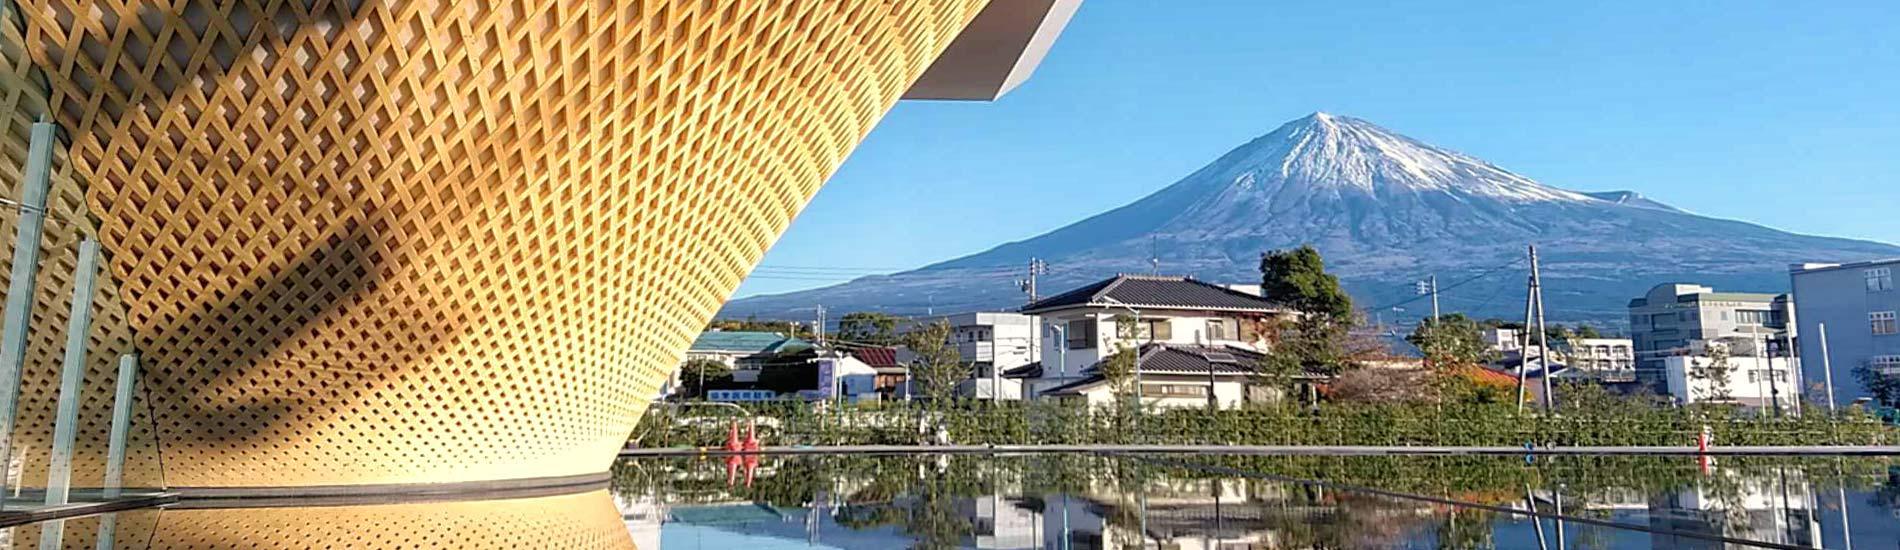 富士山世界遺產中心